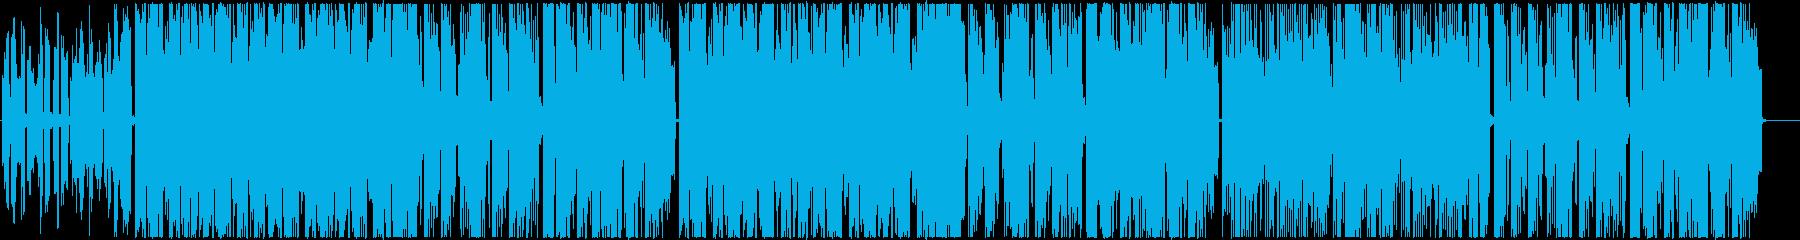 ポップで軽快なフューチャーベースの再生済みの波形